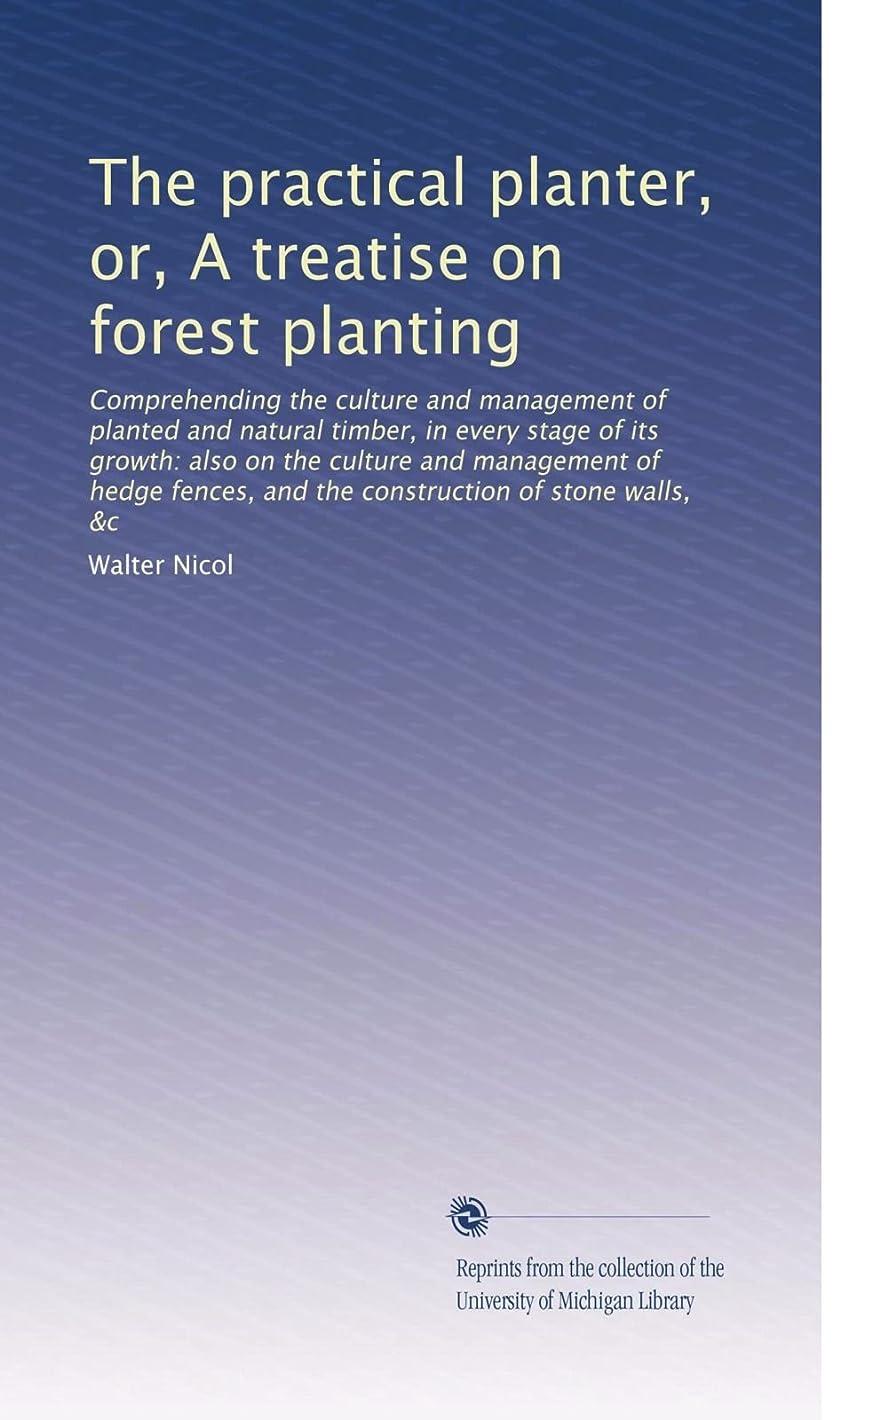 やりがいのある眠いですスモッグThe practical planter, or, A treatise on forest planting